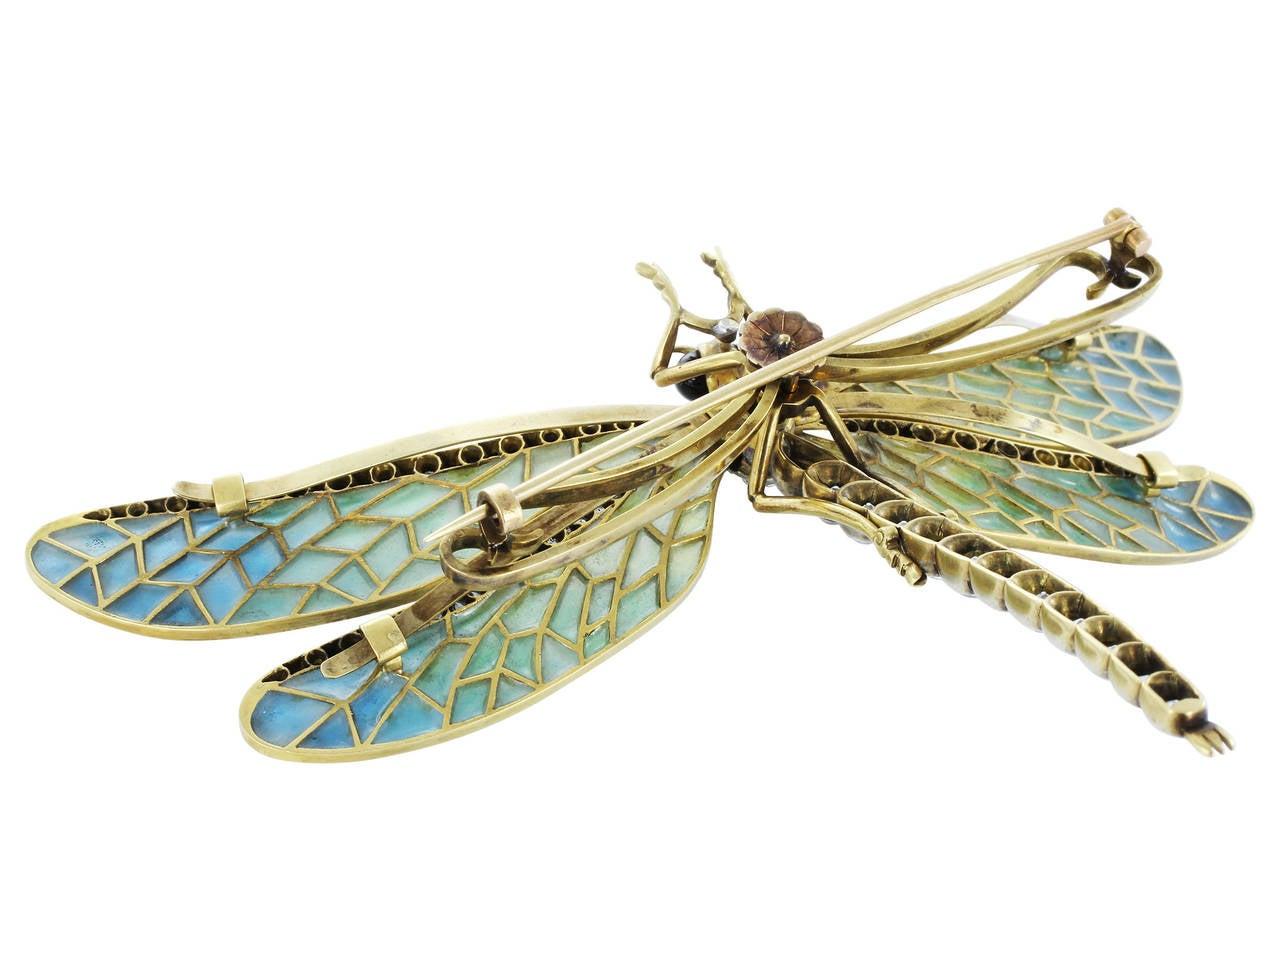 Antique Plique-a-Jour Dragonfly Pin 3